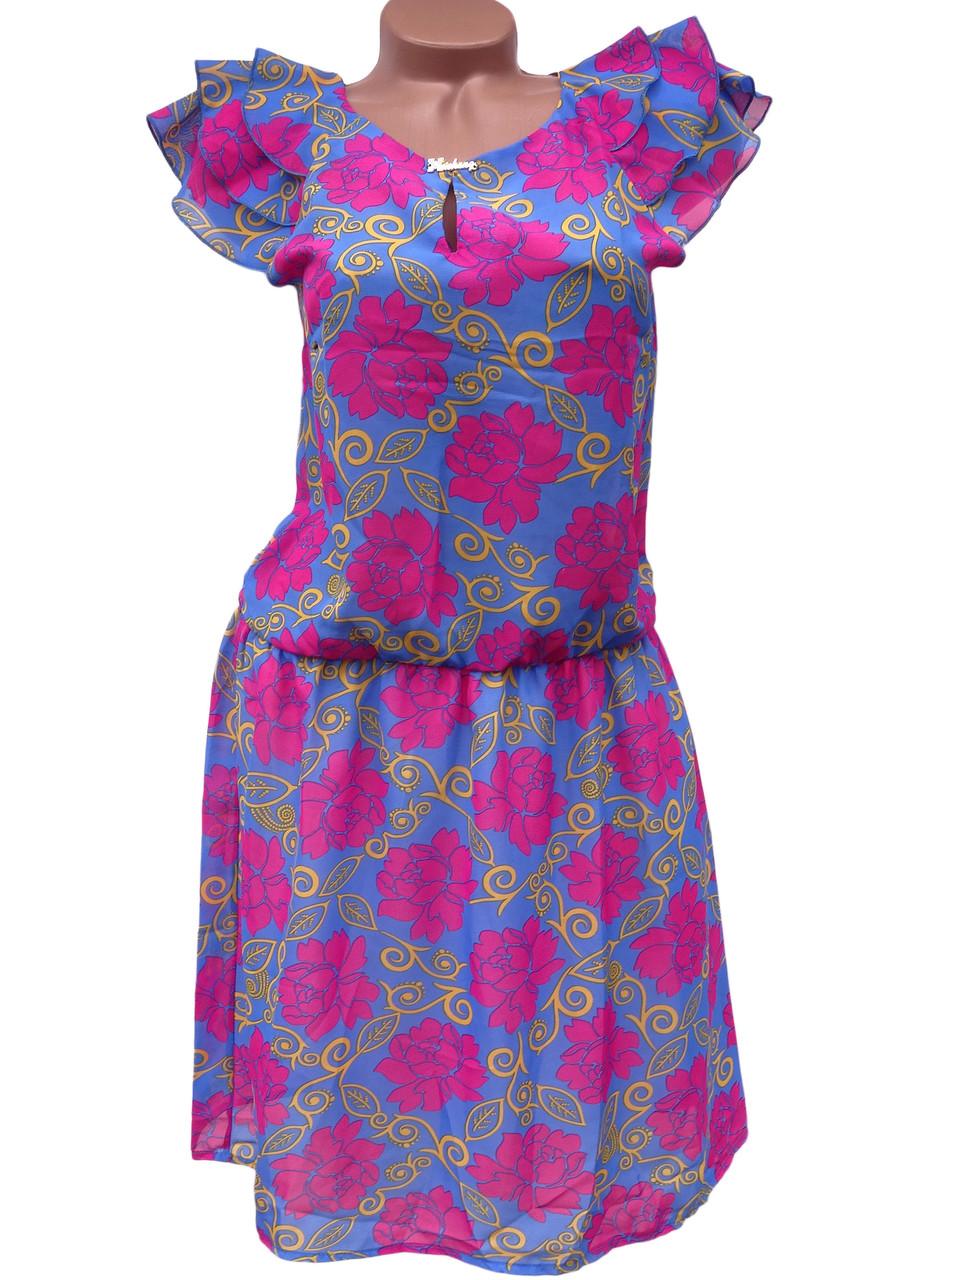 Шифоновое платье в крупные цветы 42р